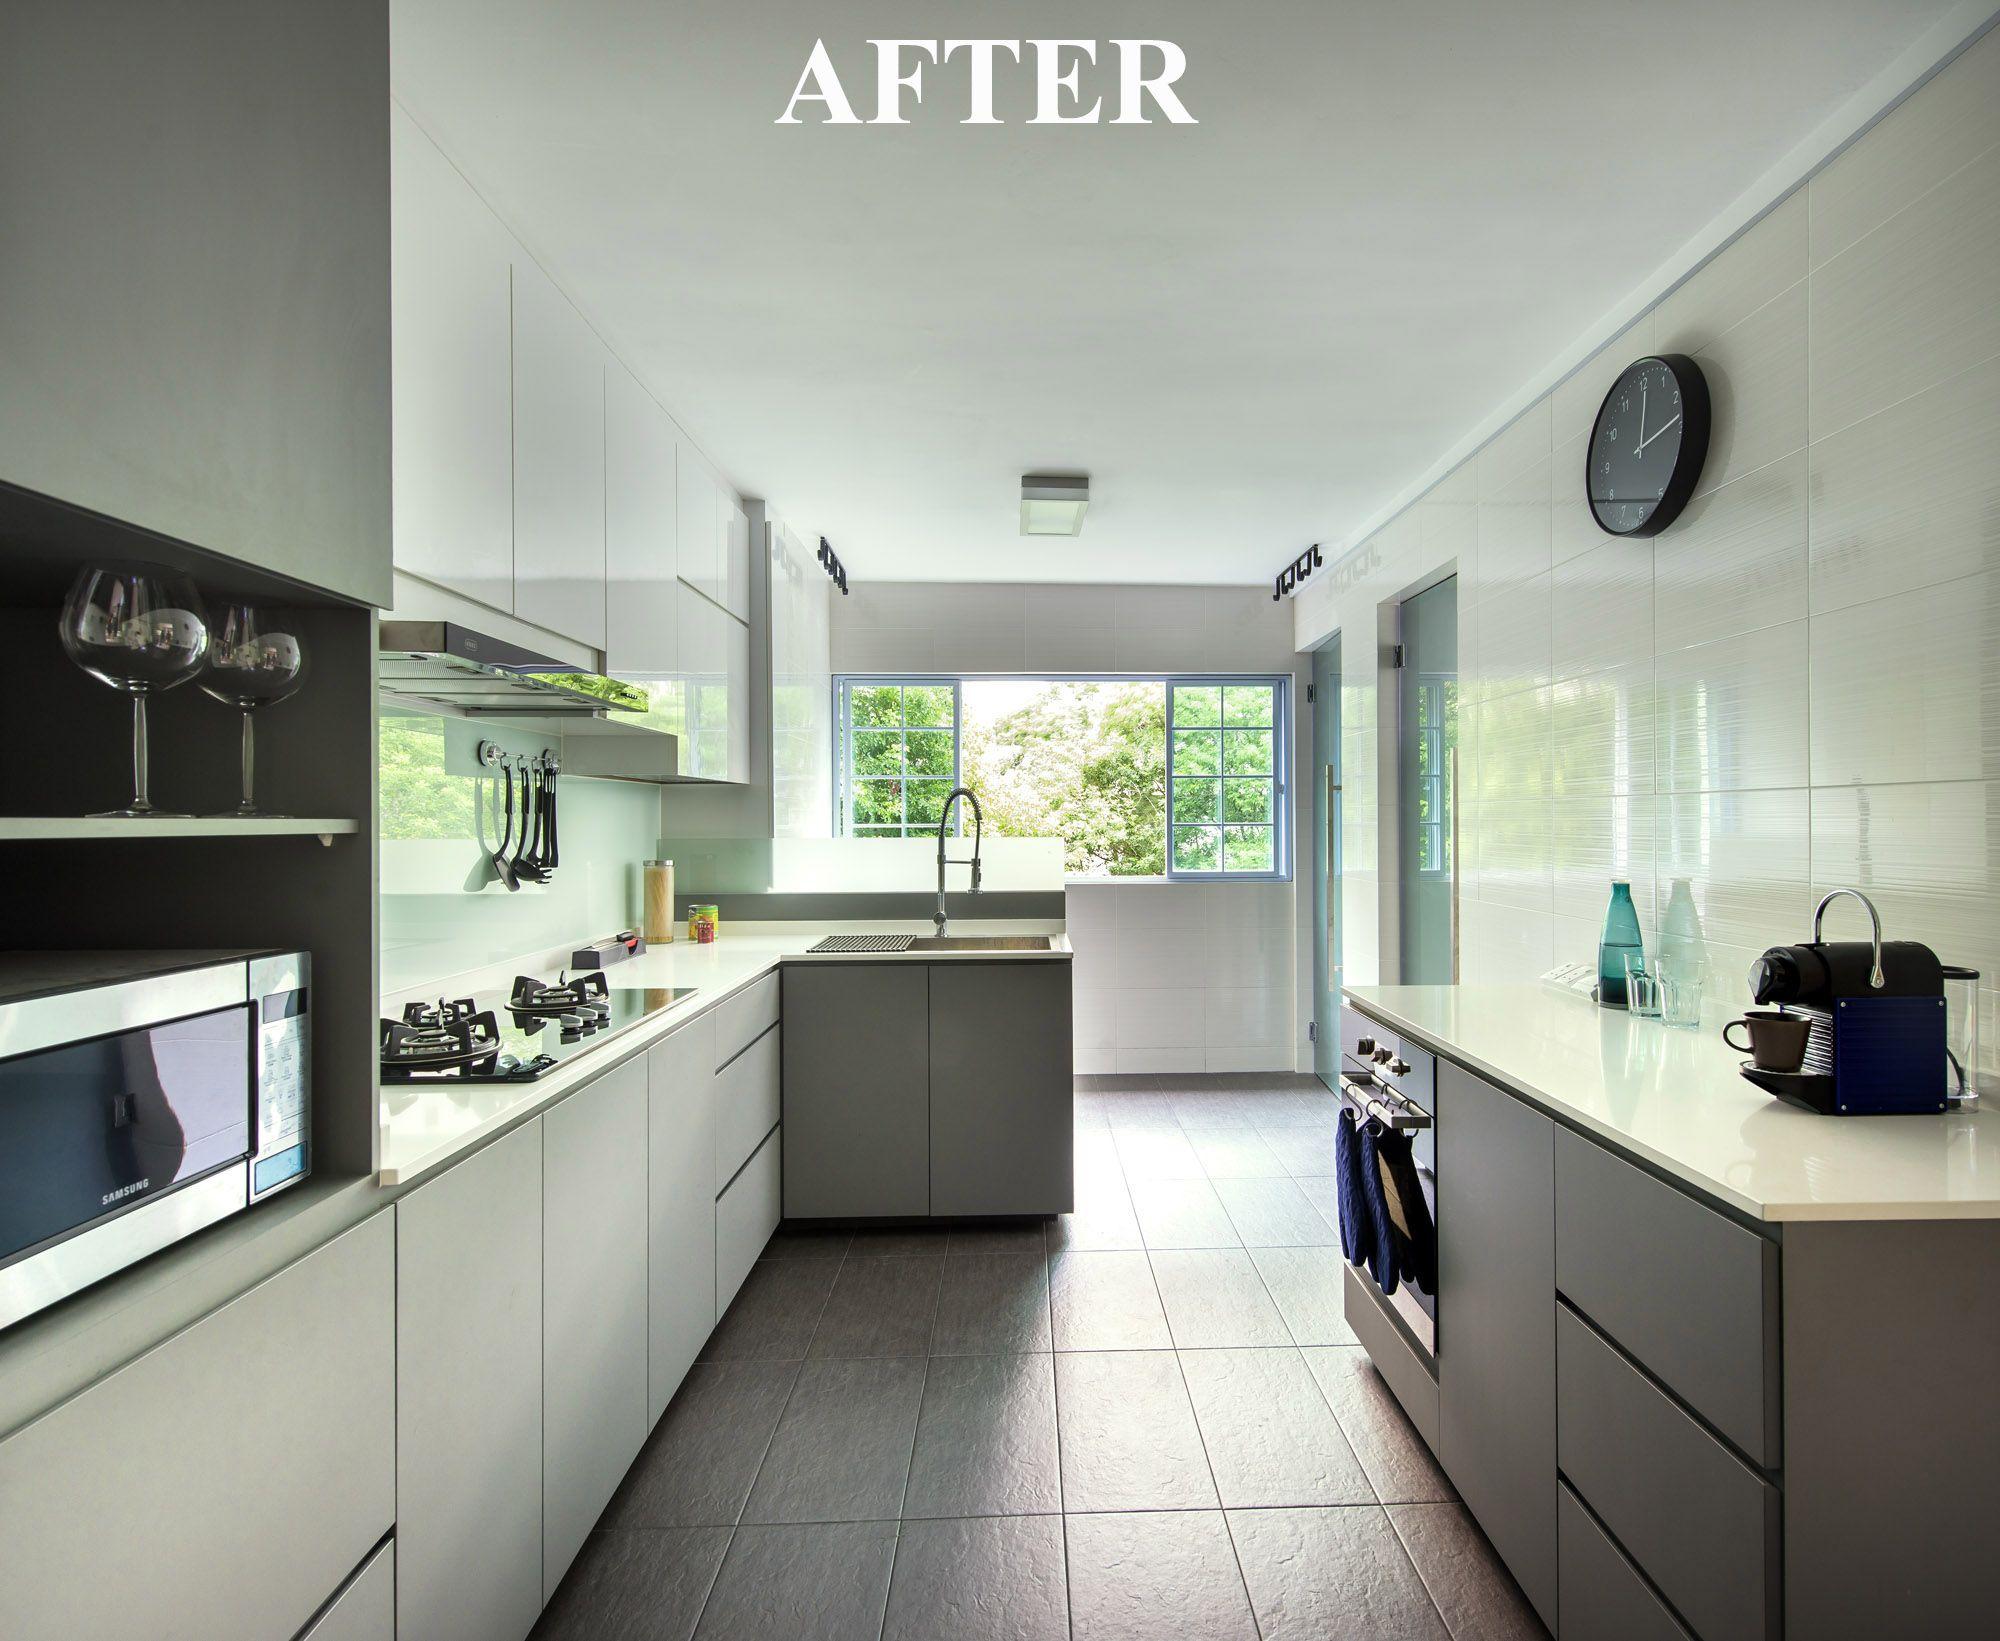 HDB 5 Rooms at Bedok Contemporary kitchen decor, Kitchen